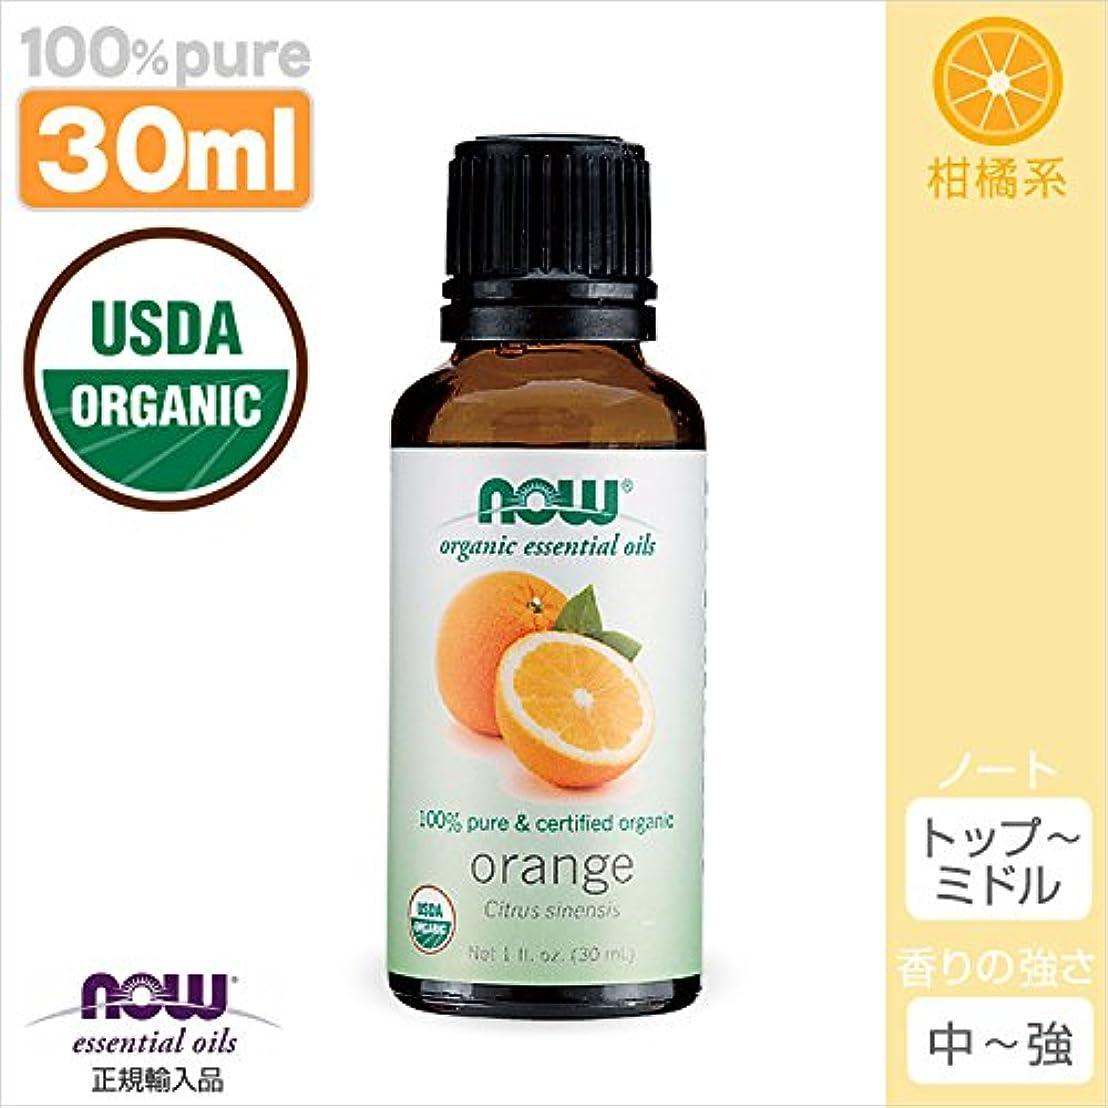 圧縮された有効化注入オレンジ精油オーガニック[30ml] 【正規輸入品】 NOWエッセンシャルオイル(アロマオイル)